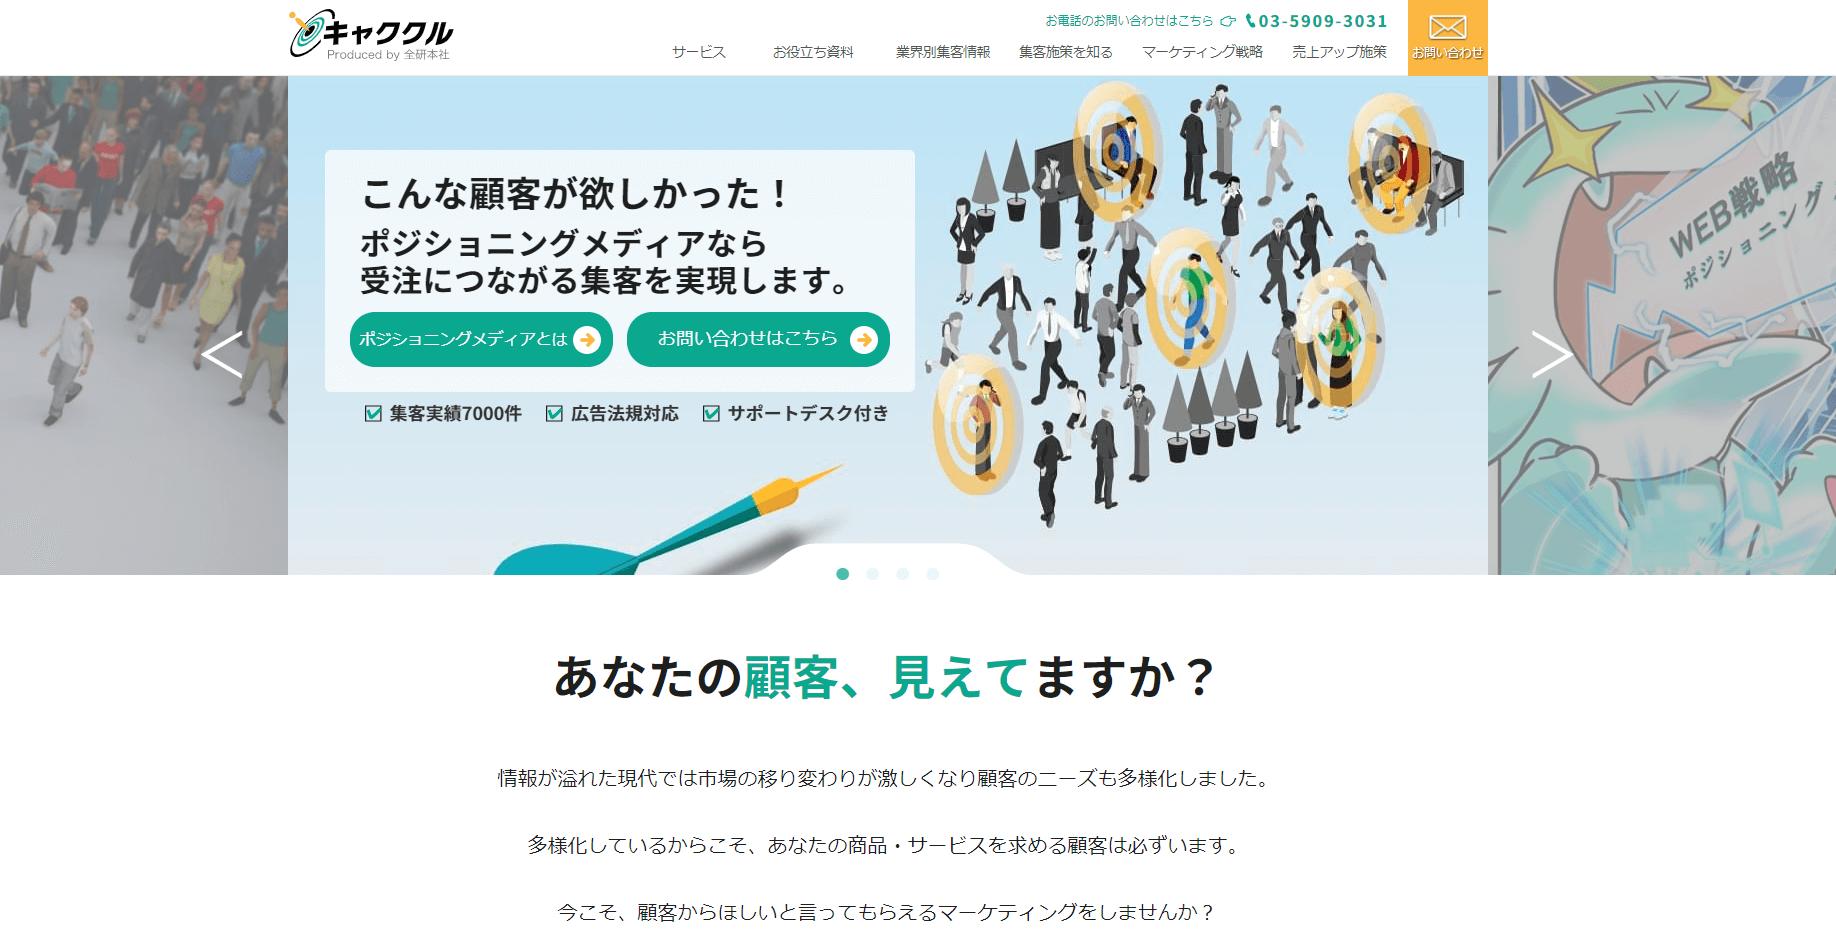 Kyakukuru